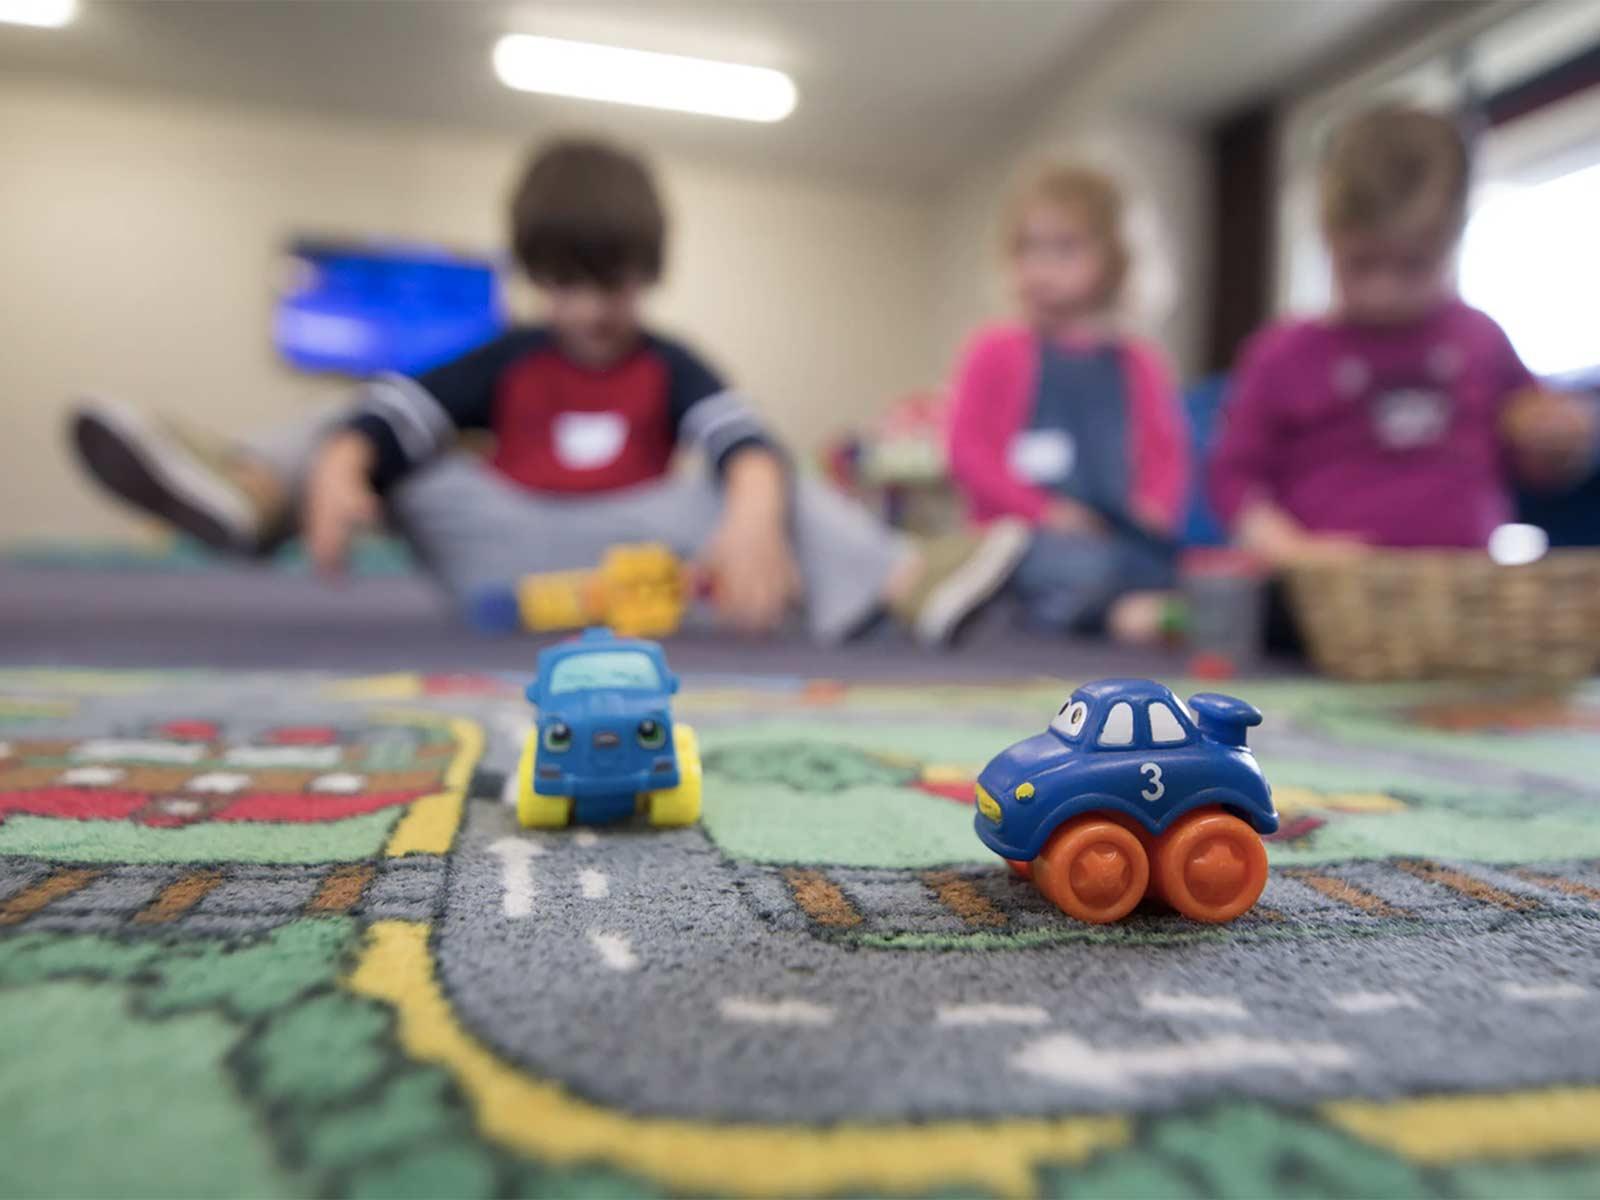 Covid, il Comune di Perugia riapre gli asili nido, scuole per l'infanzia da 0-36 mesi